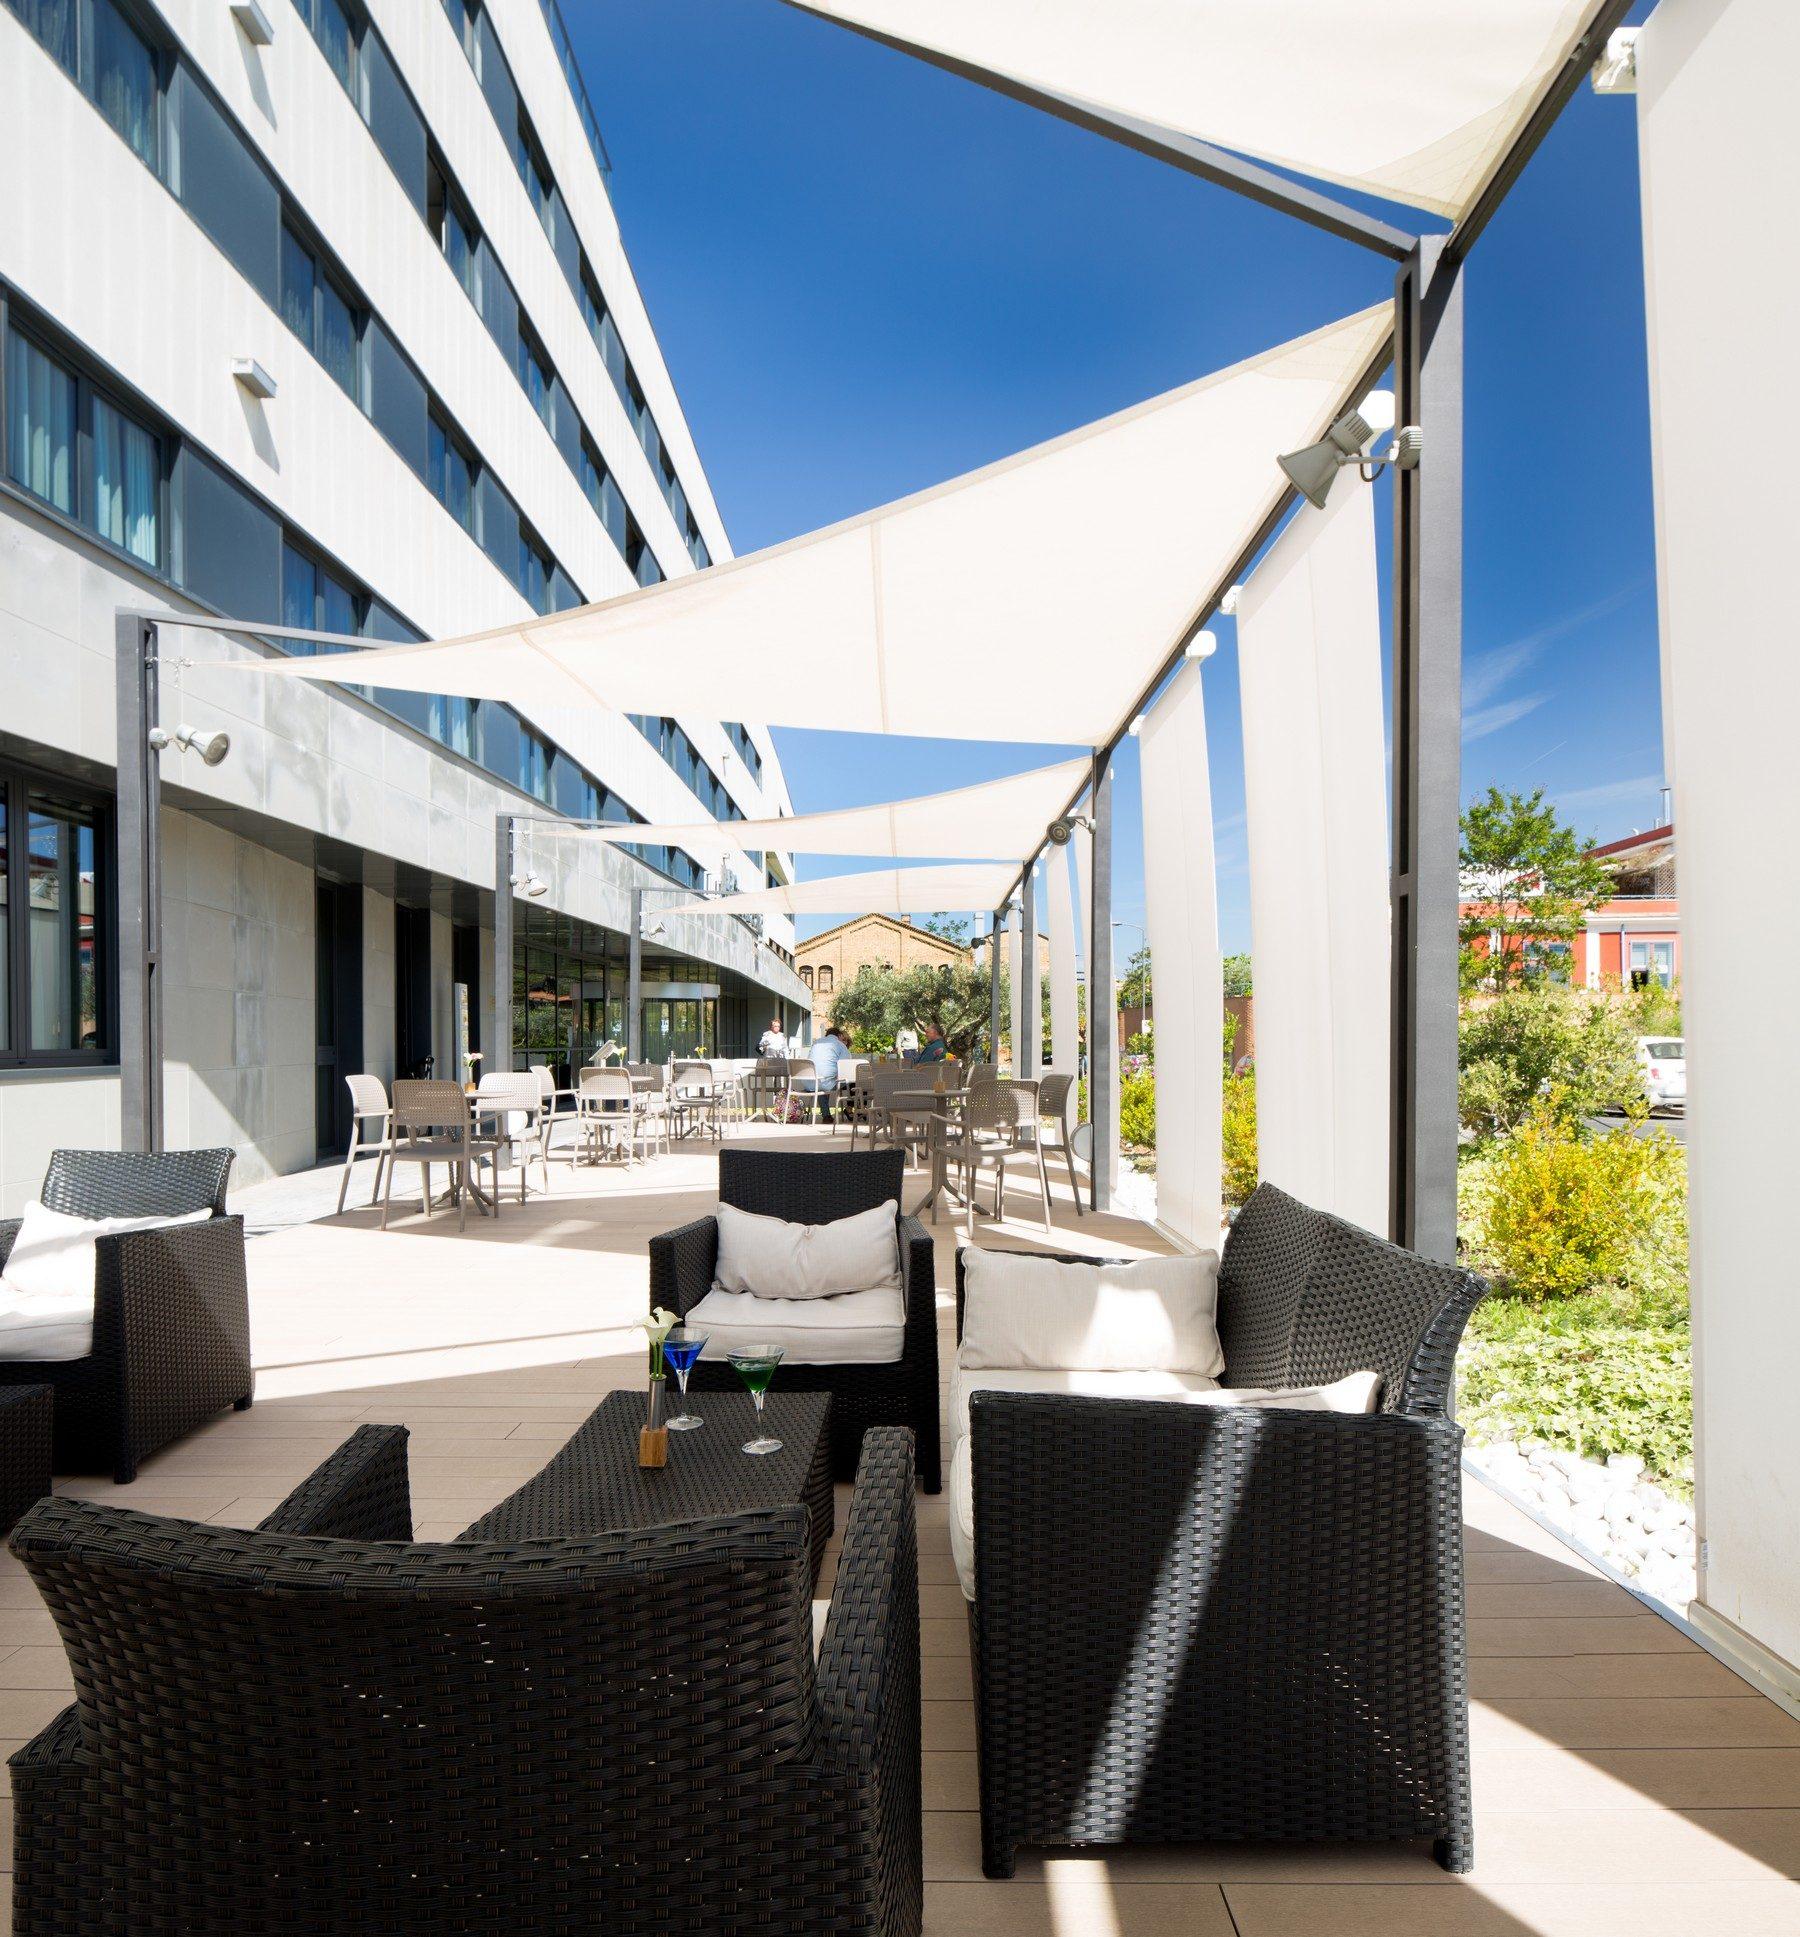 h10-hotel-architetto-morgantini